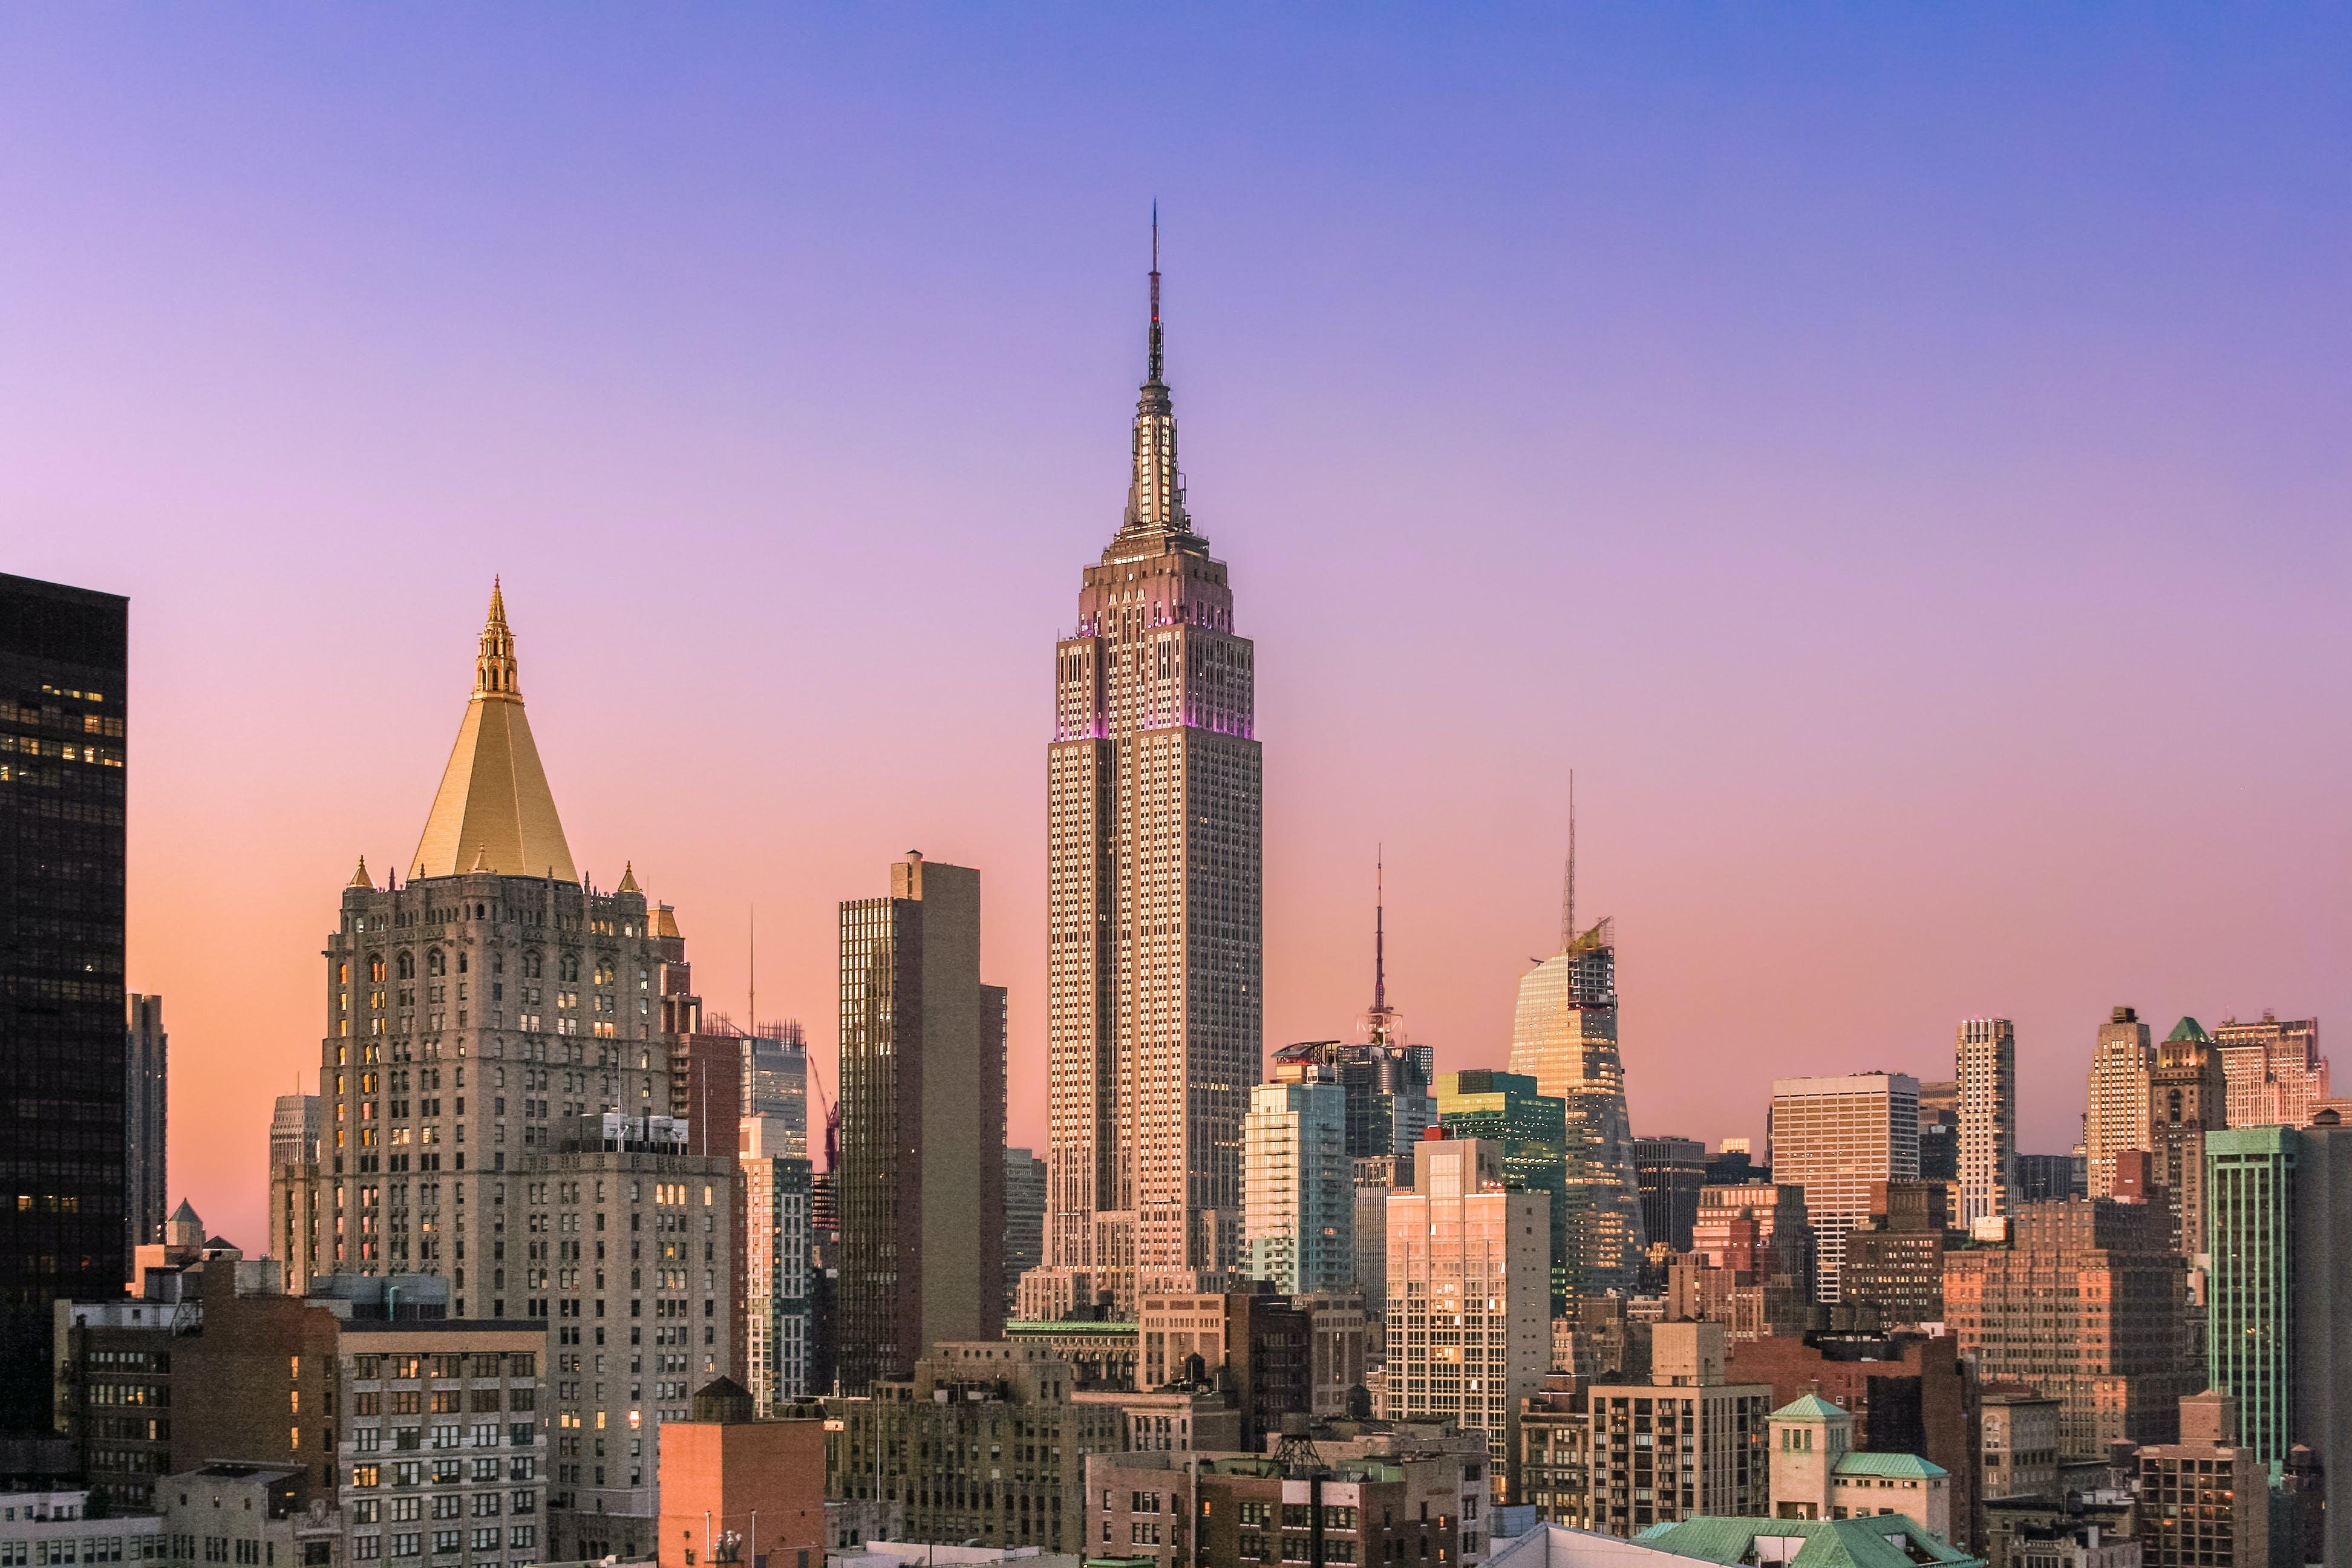 De iconische wolkenkrabber van New York tijdens de zonsondergang: het Empire State Building